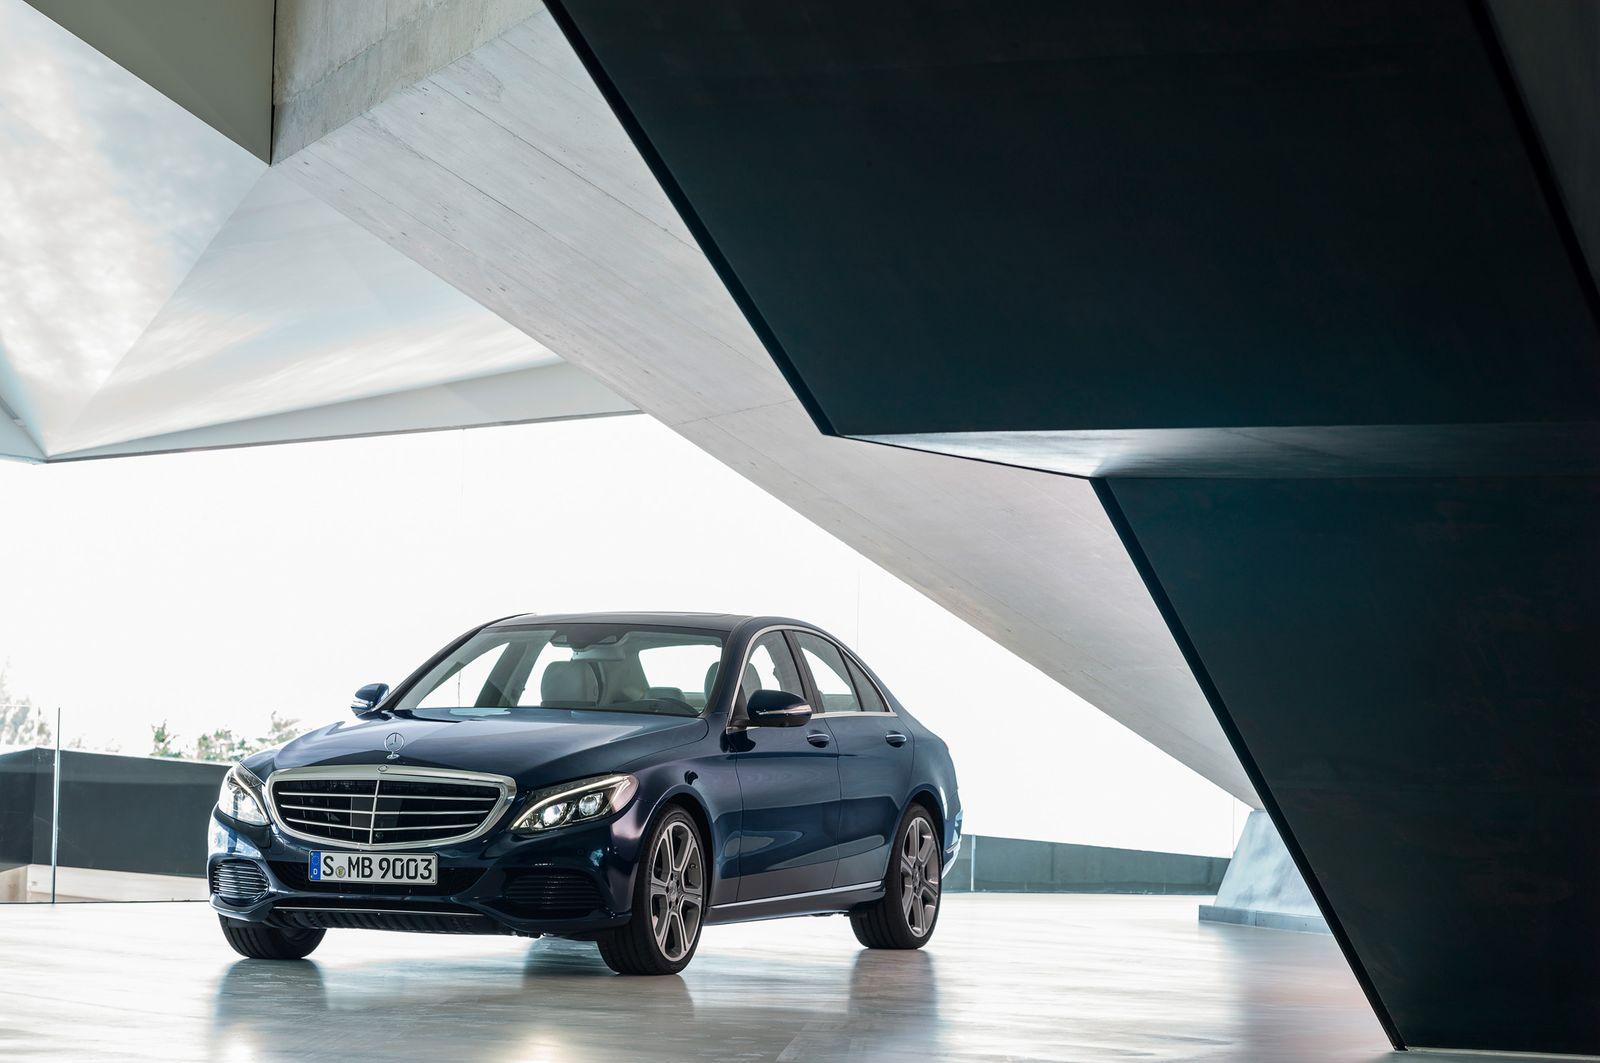 2014 / Mercedes C-Klasse (Kopie)